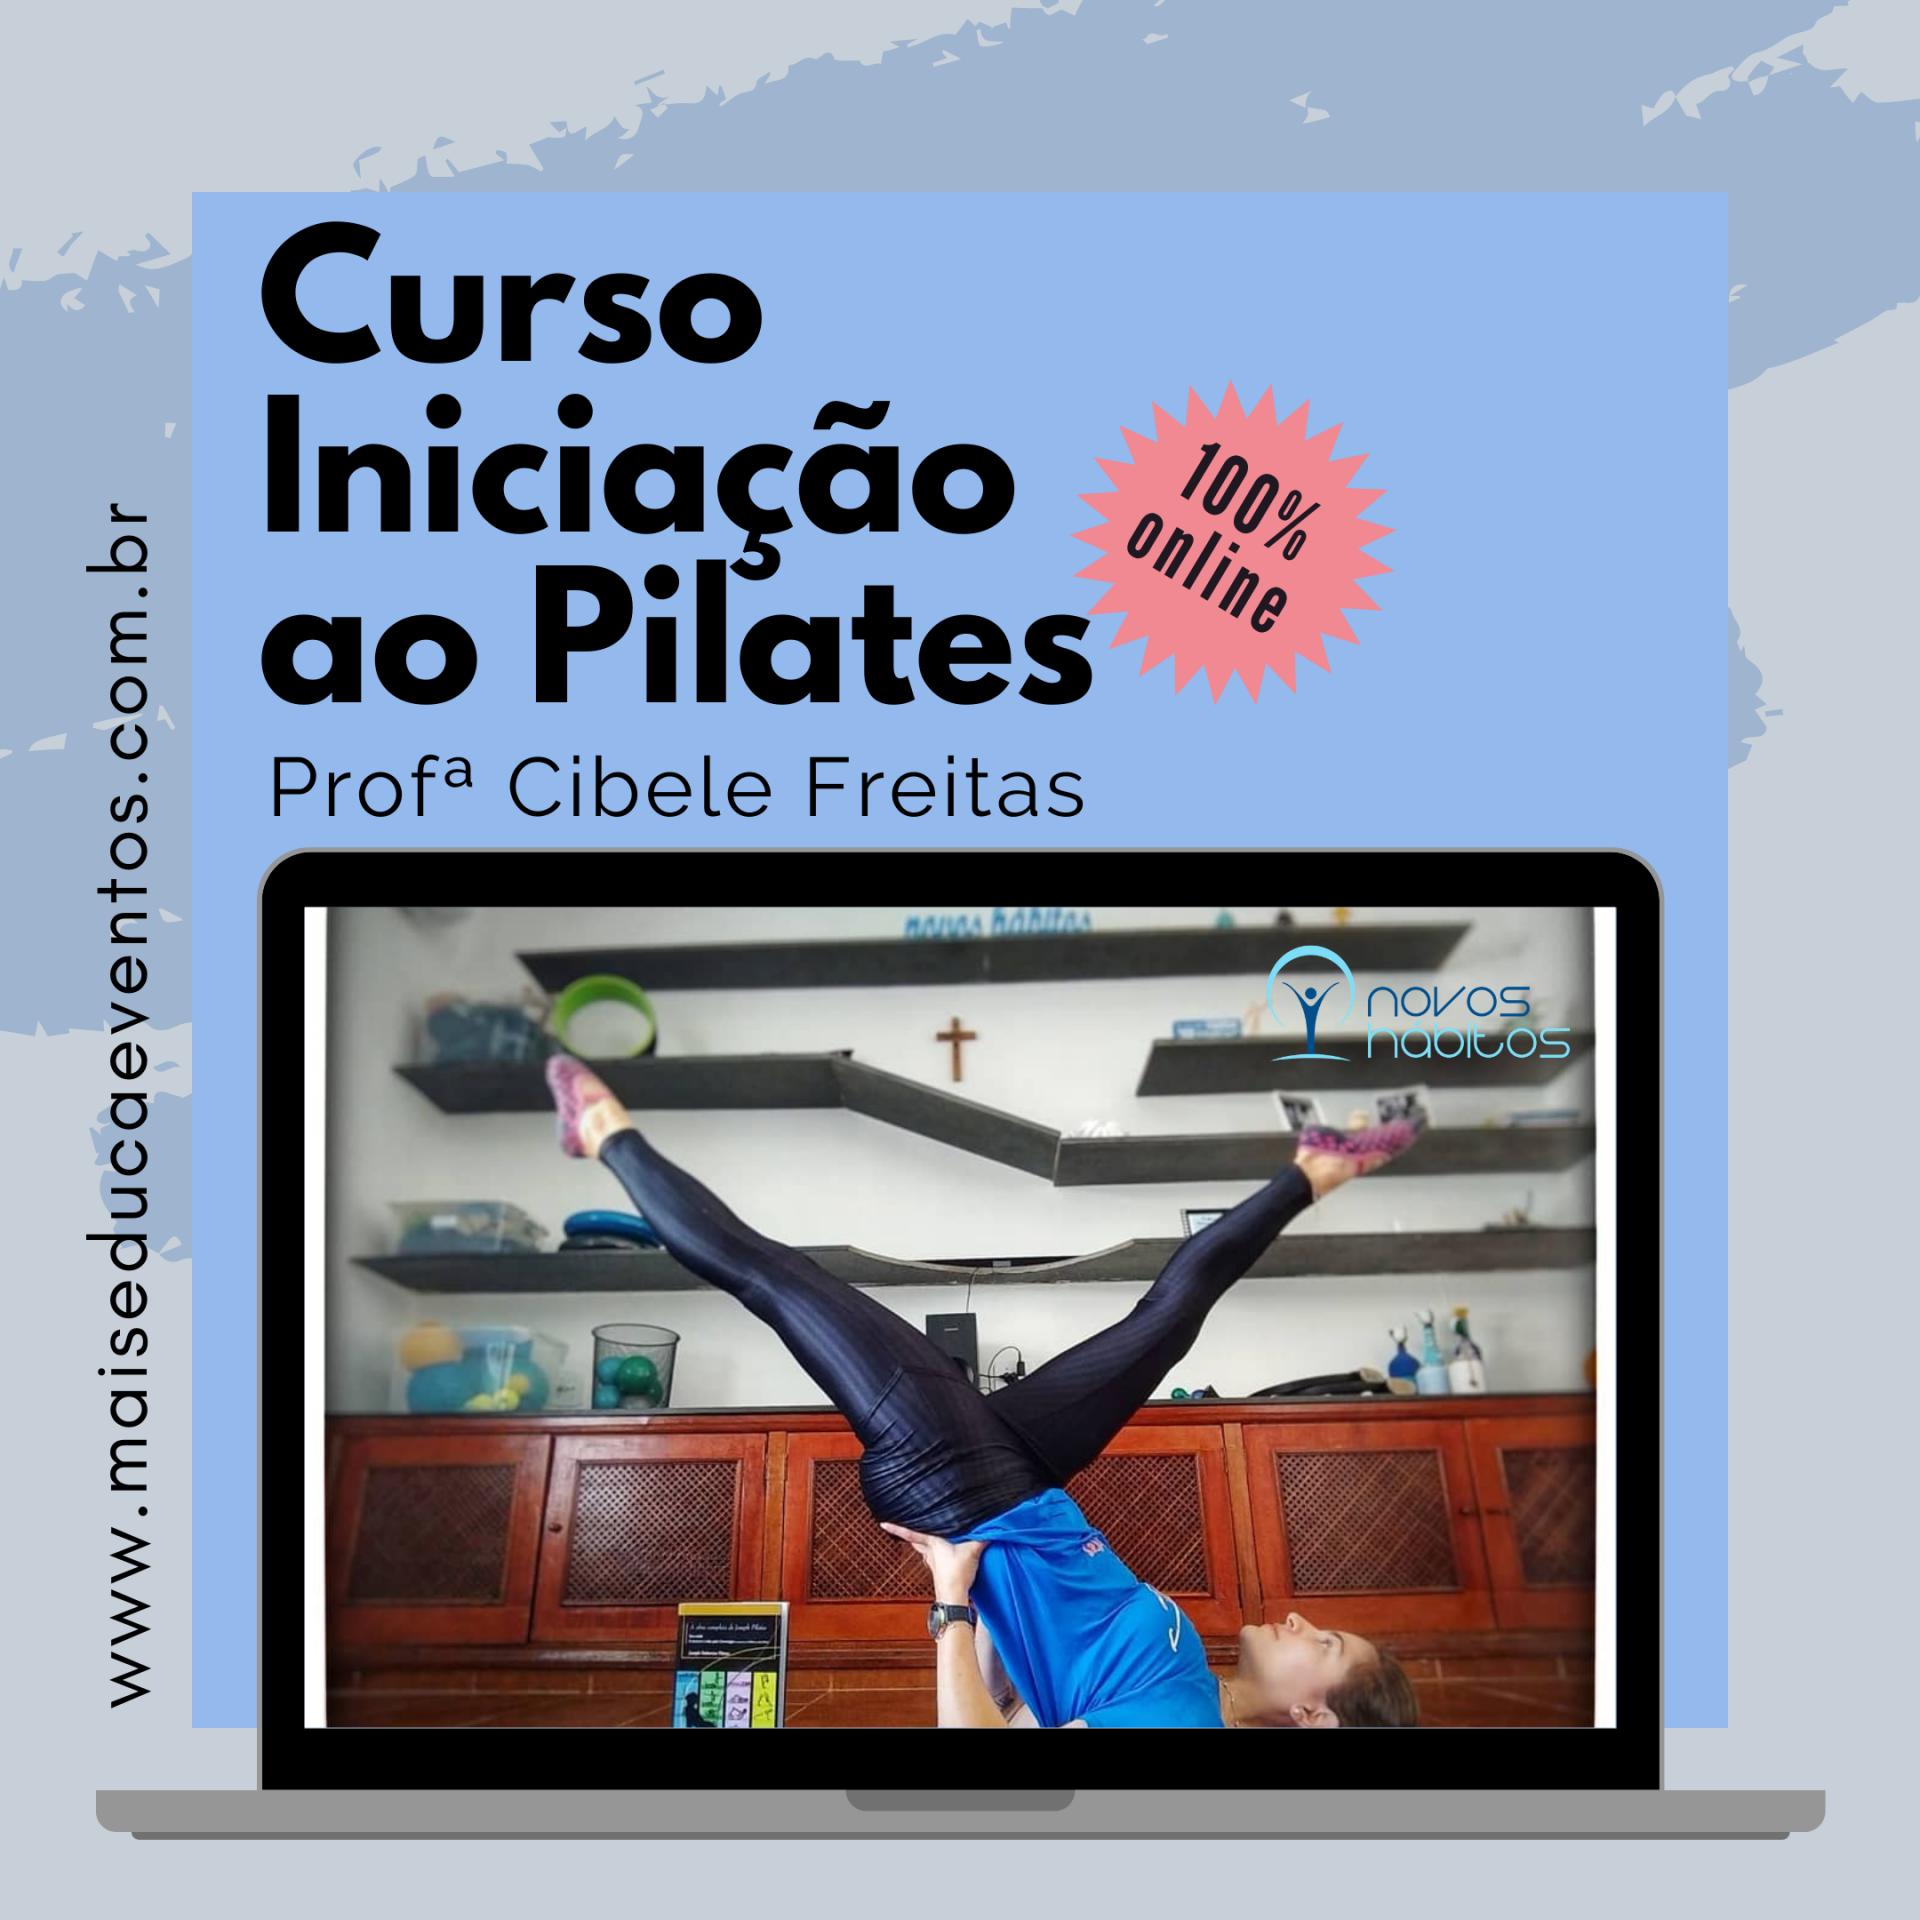 Curso de Iniciação ao Pilates